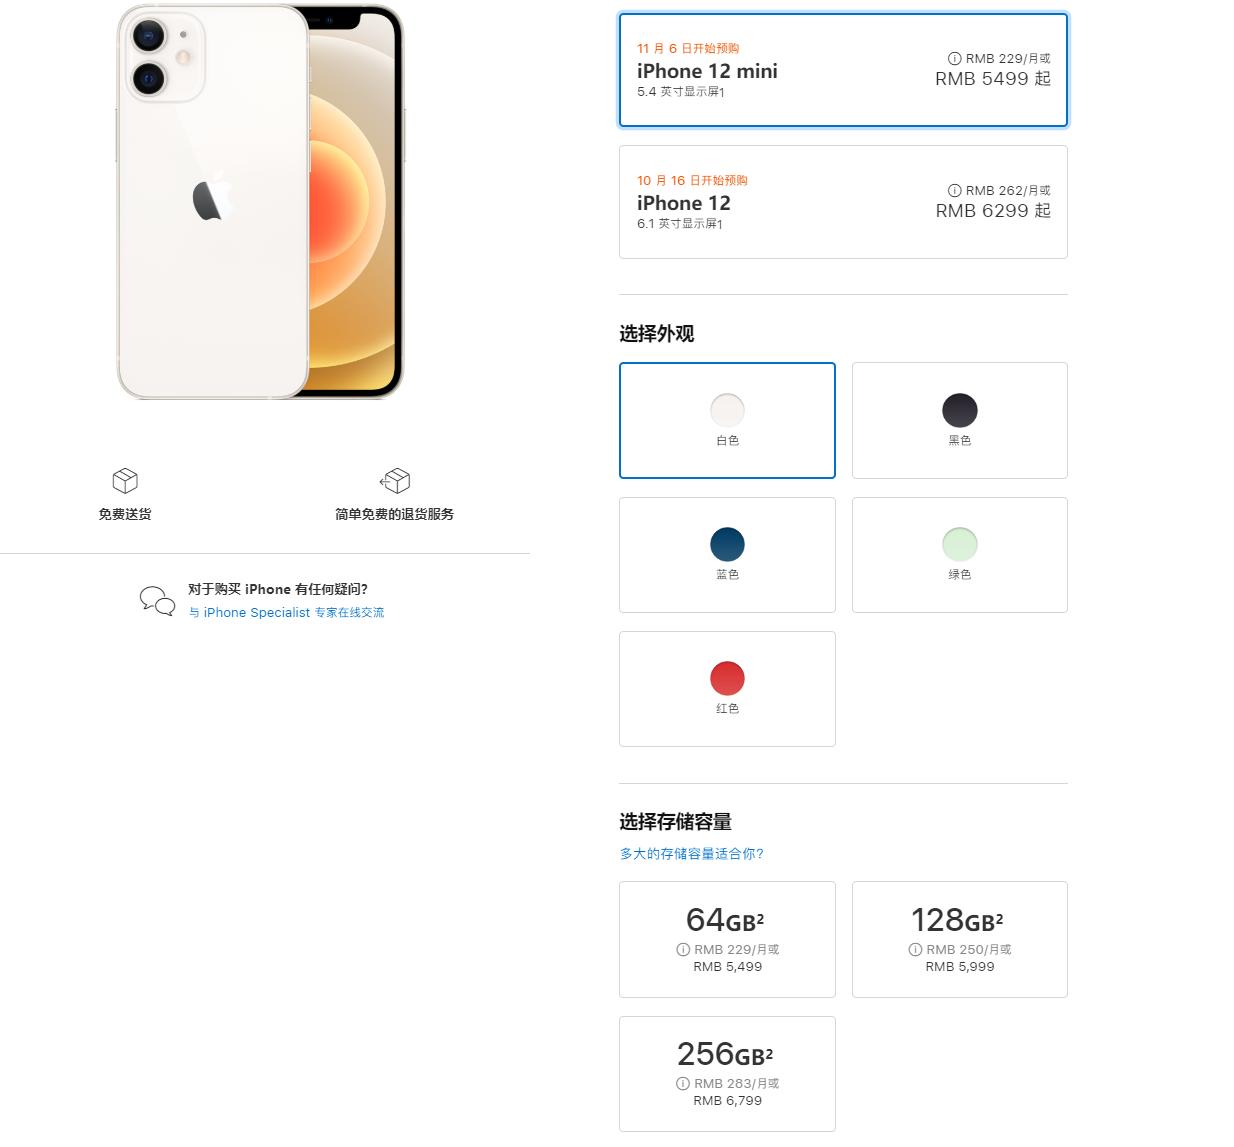 5499元起 iPhone 12正式发布 全系支持5G